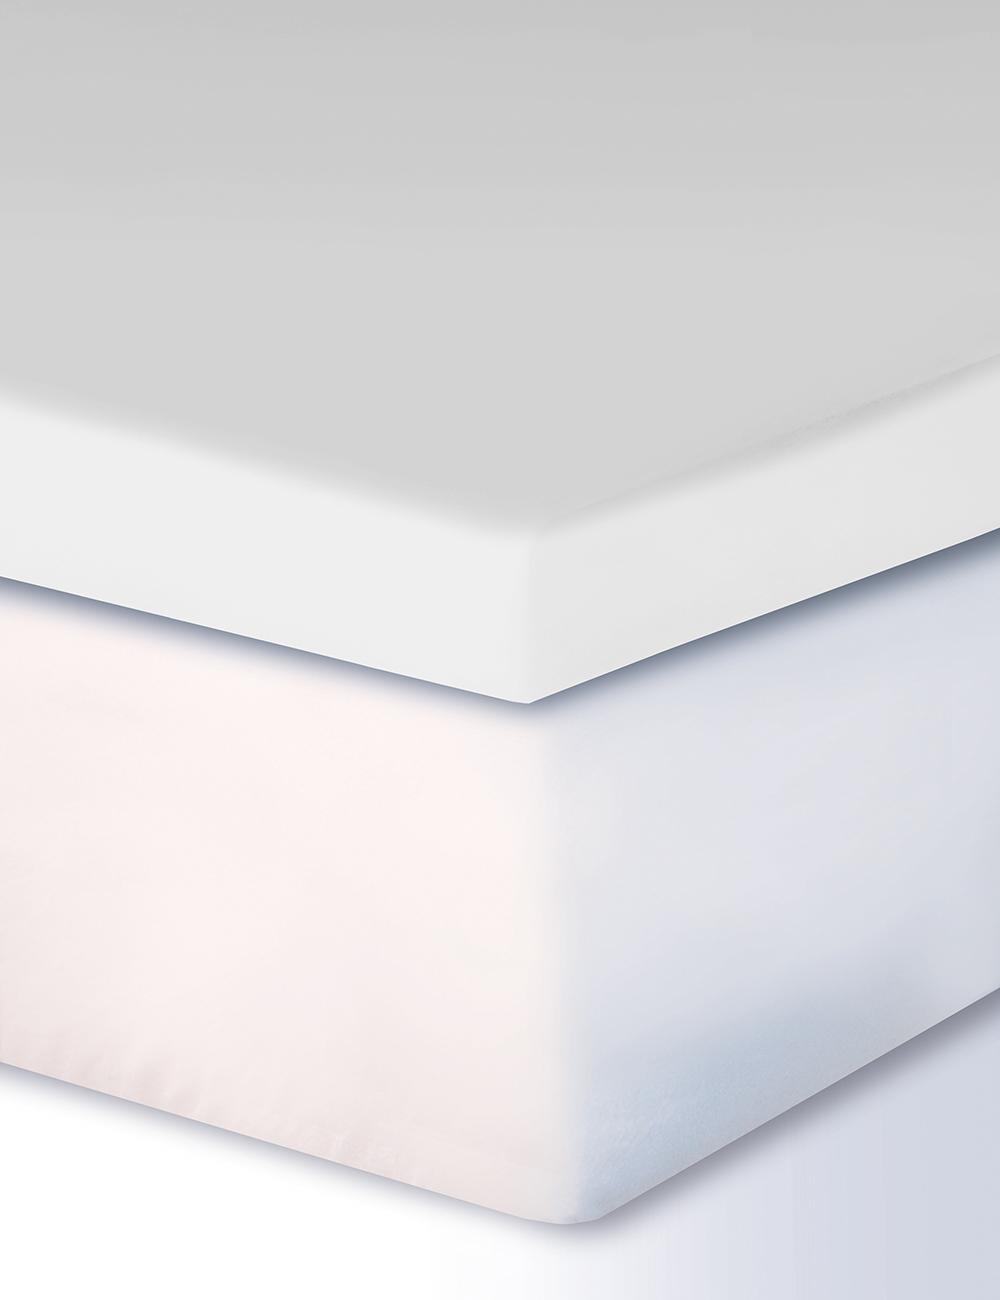 drap housse pour surmatelas boxspring 180 200 x 200 cm blanc. Black Bedroom Furniture Sets. Home Design Ideas